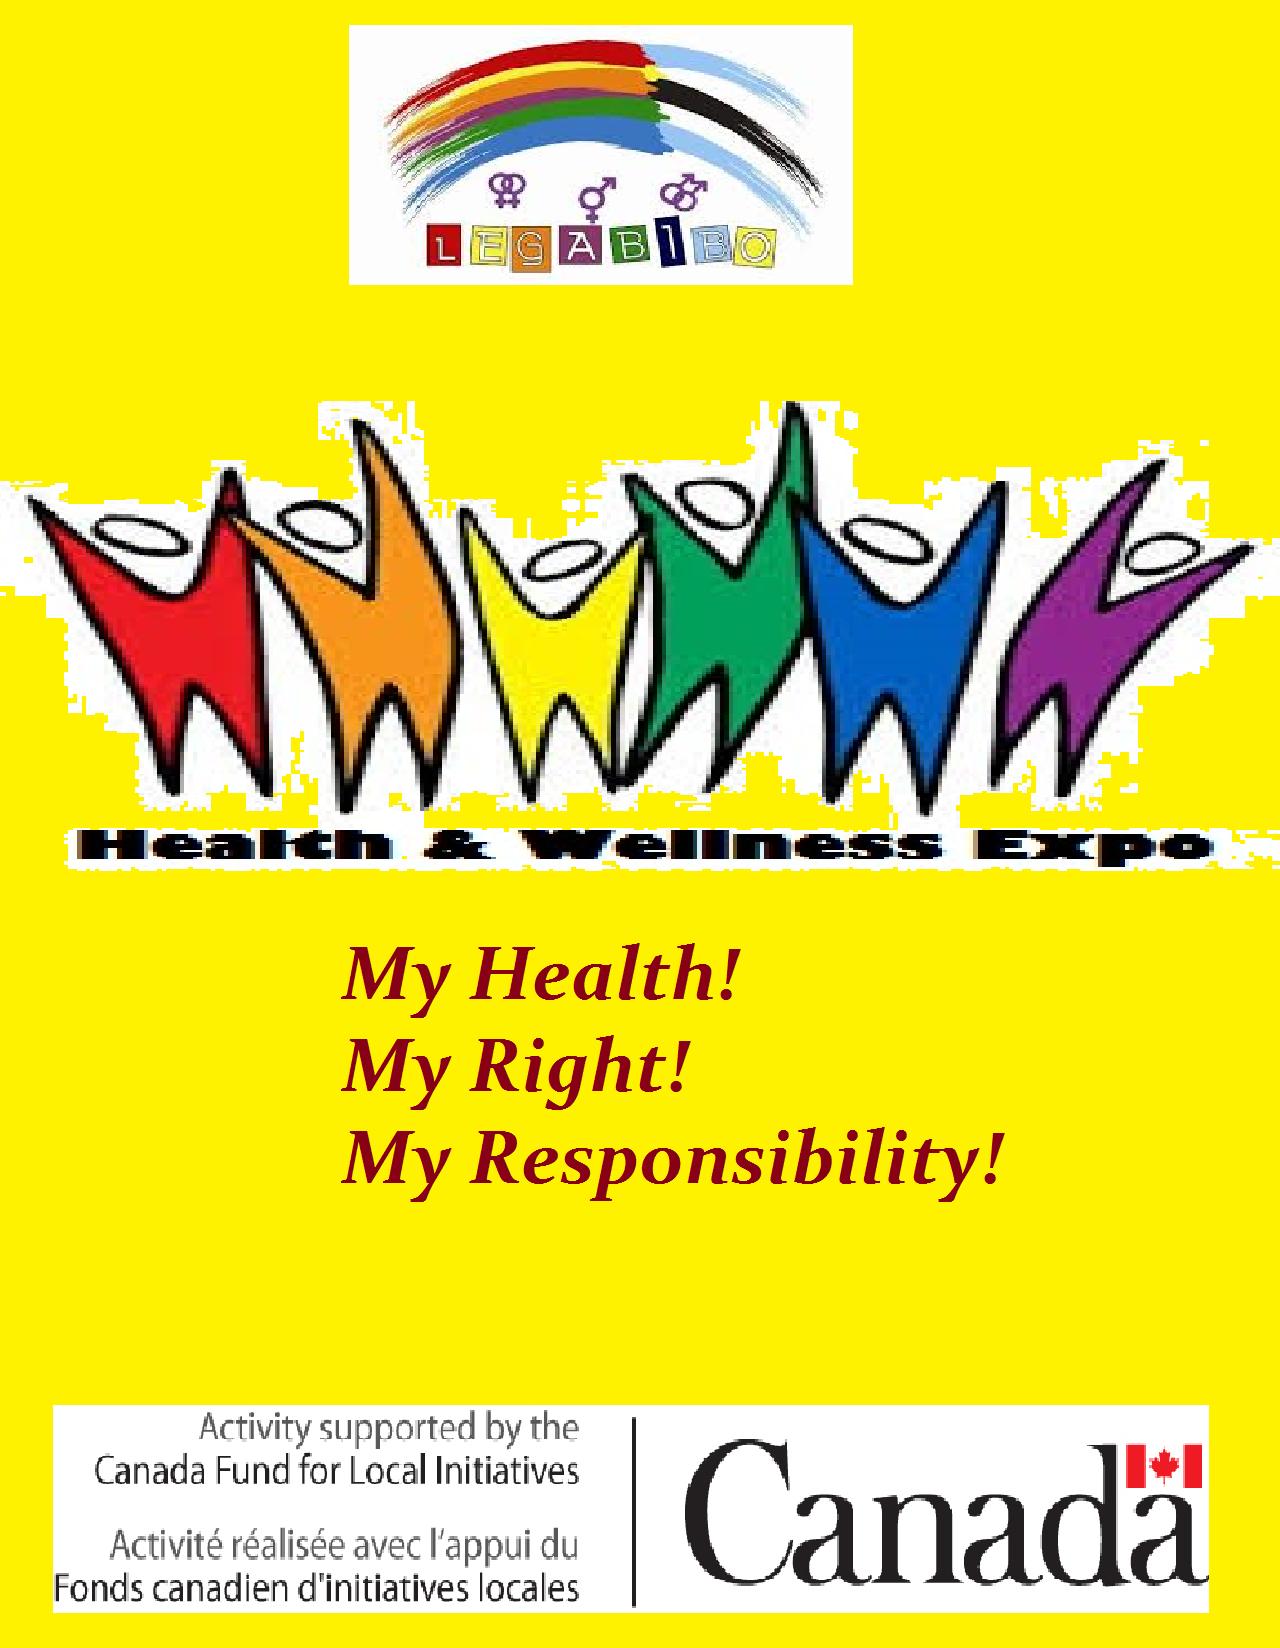 LeGaBiBo Health And Wellness Expo LEGABIBO